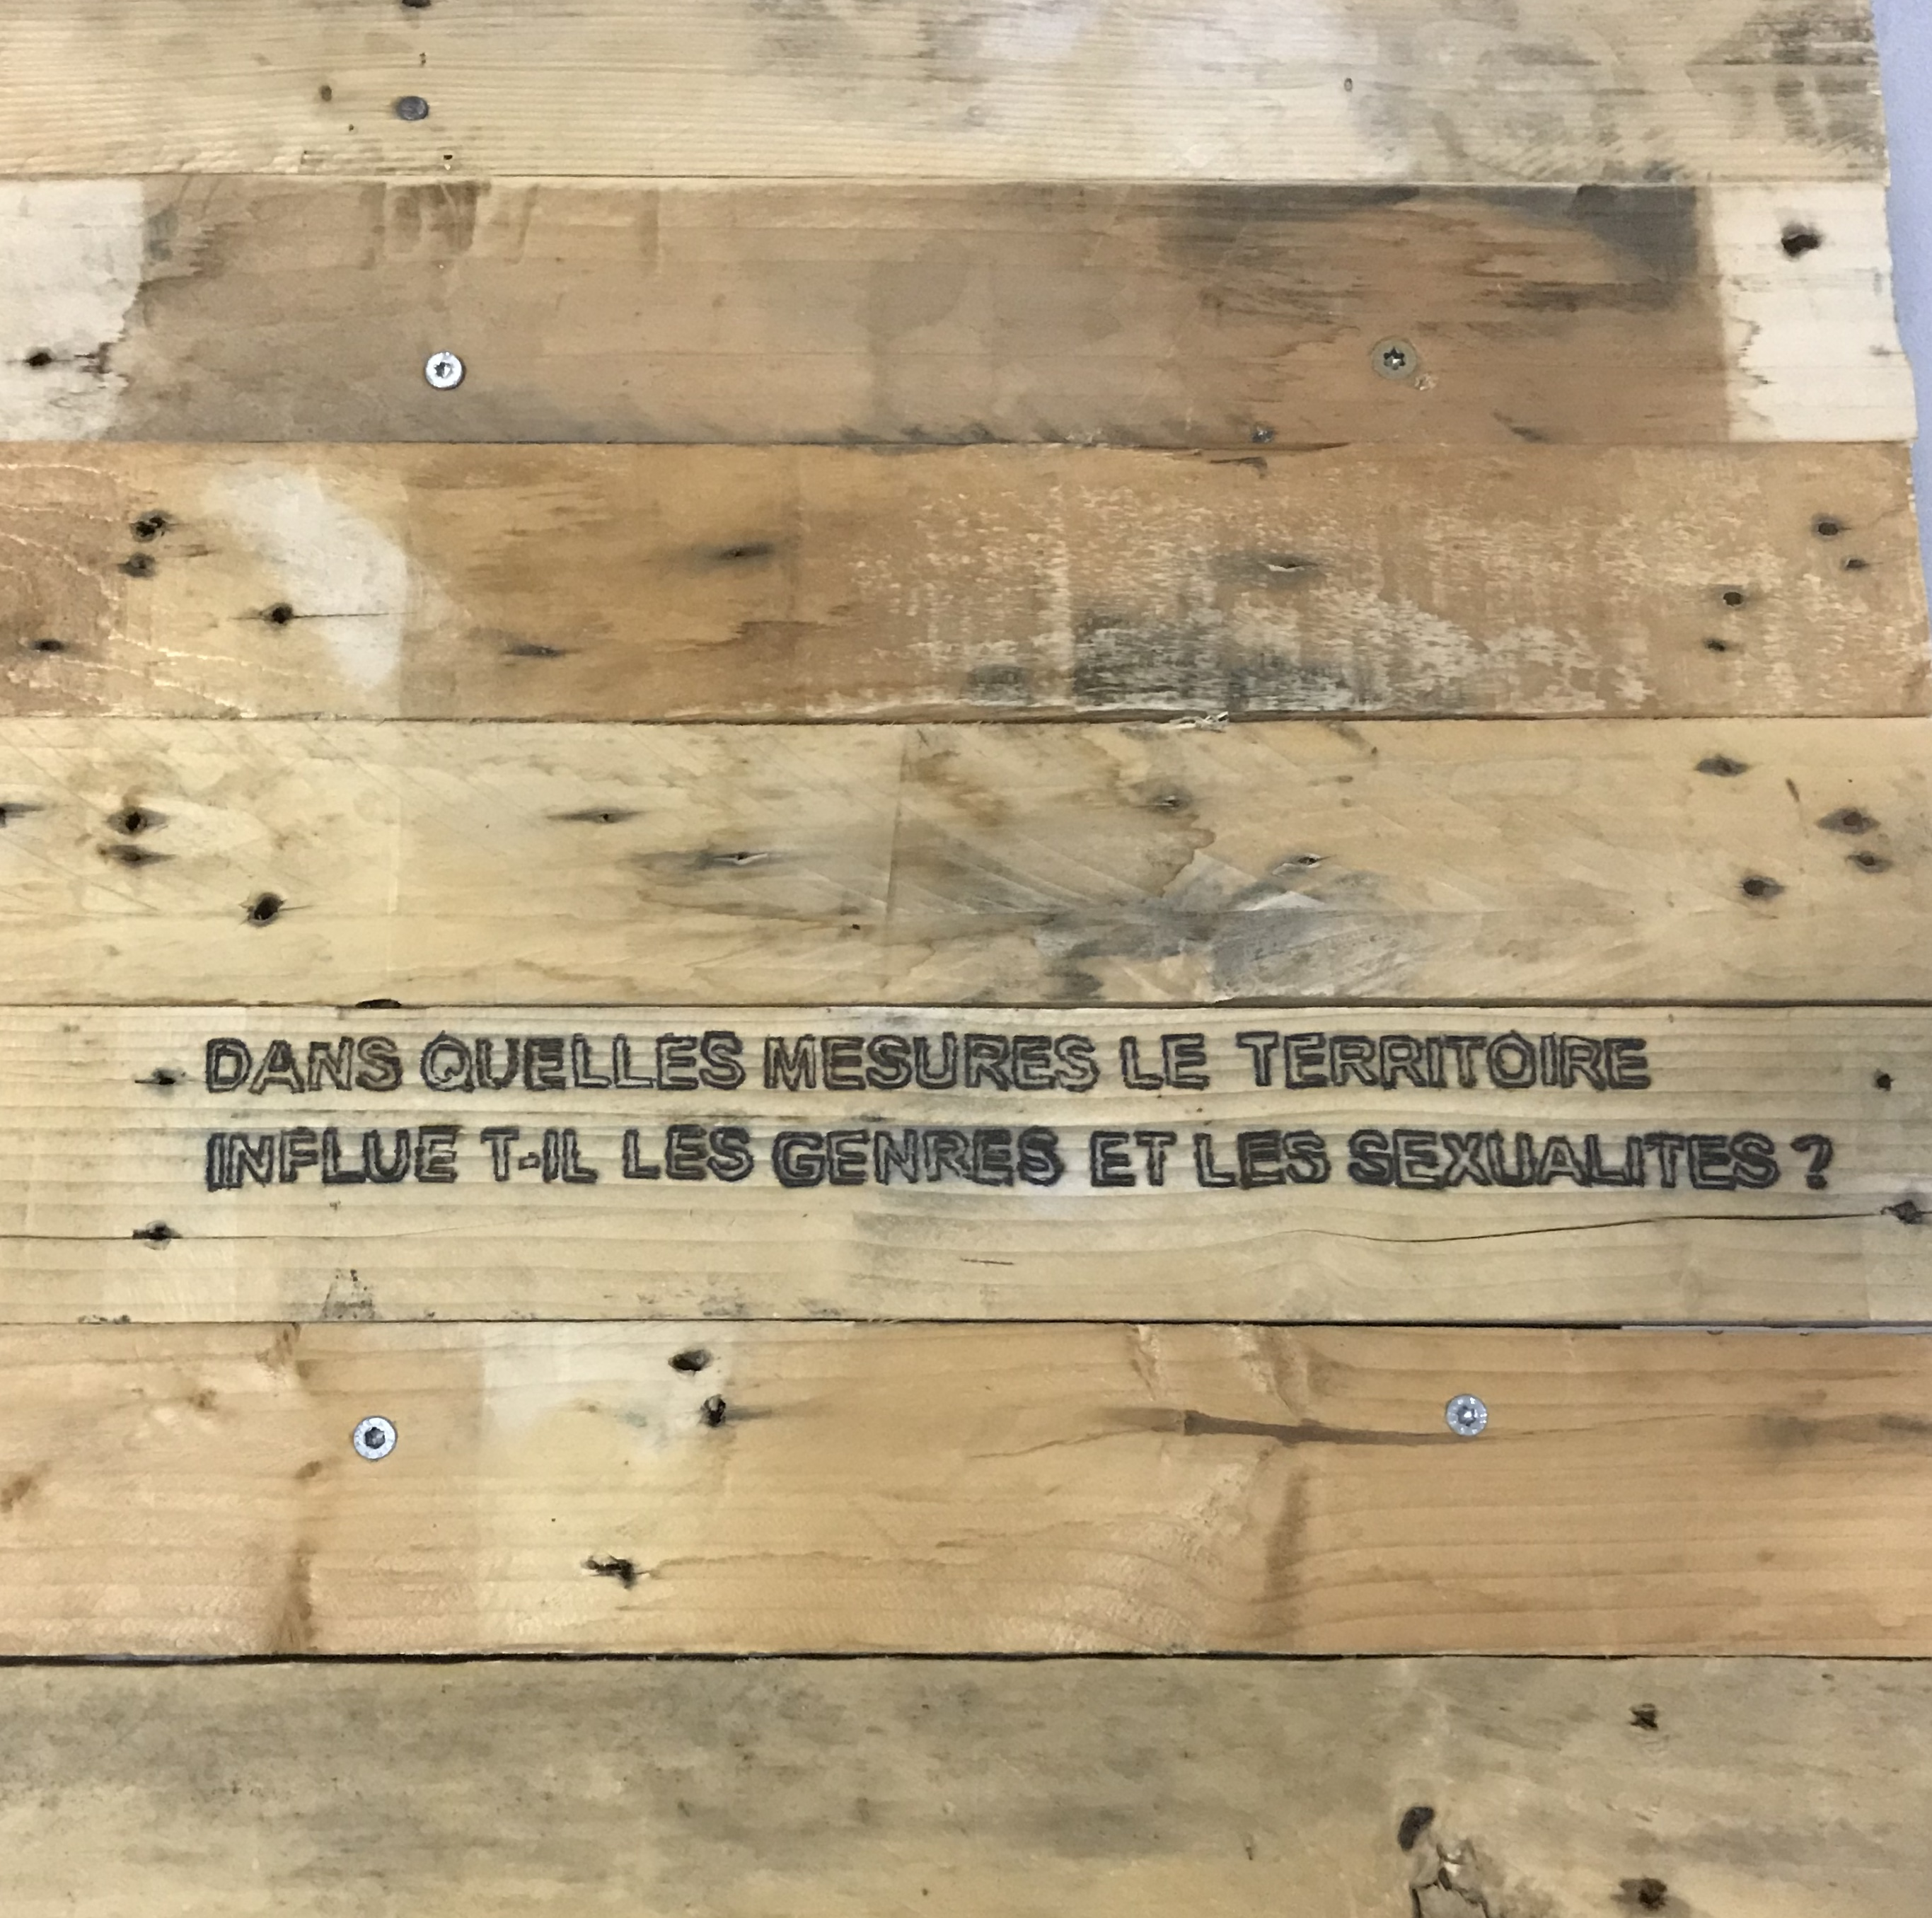 Table_haute,_Esa_Réunion,_2019_._3.jpg